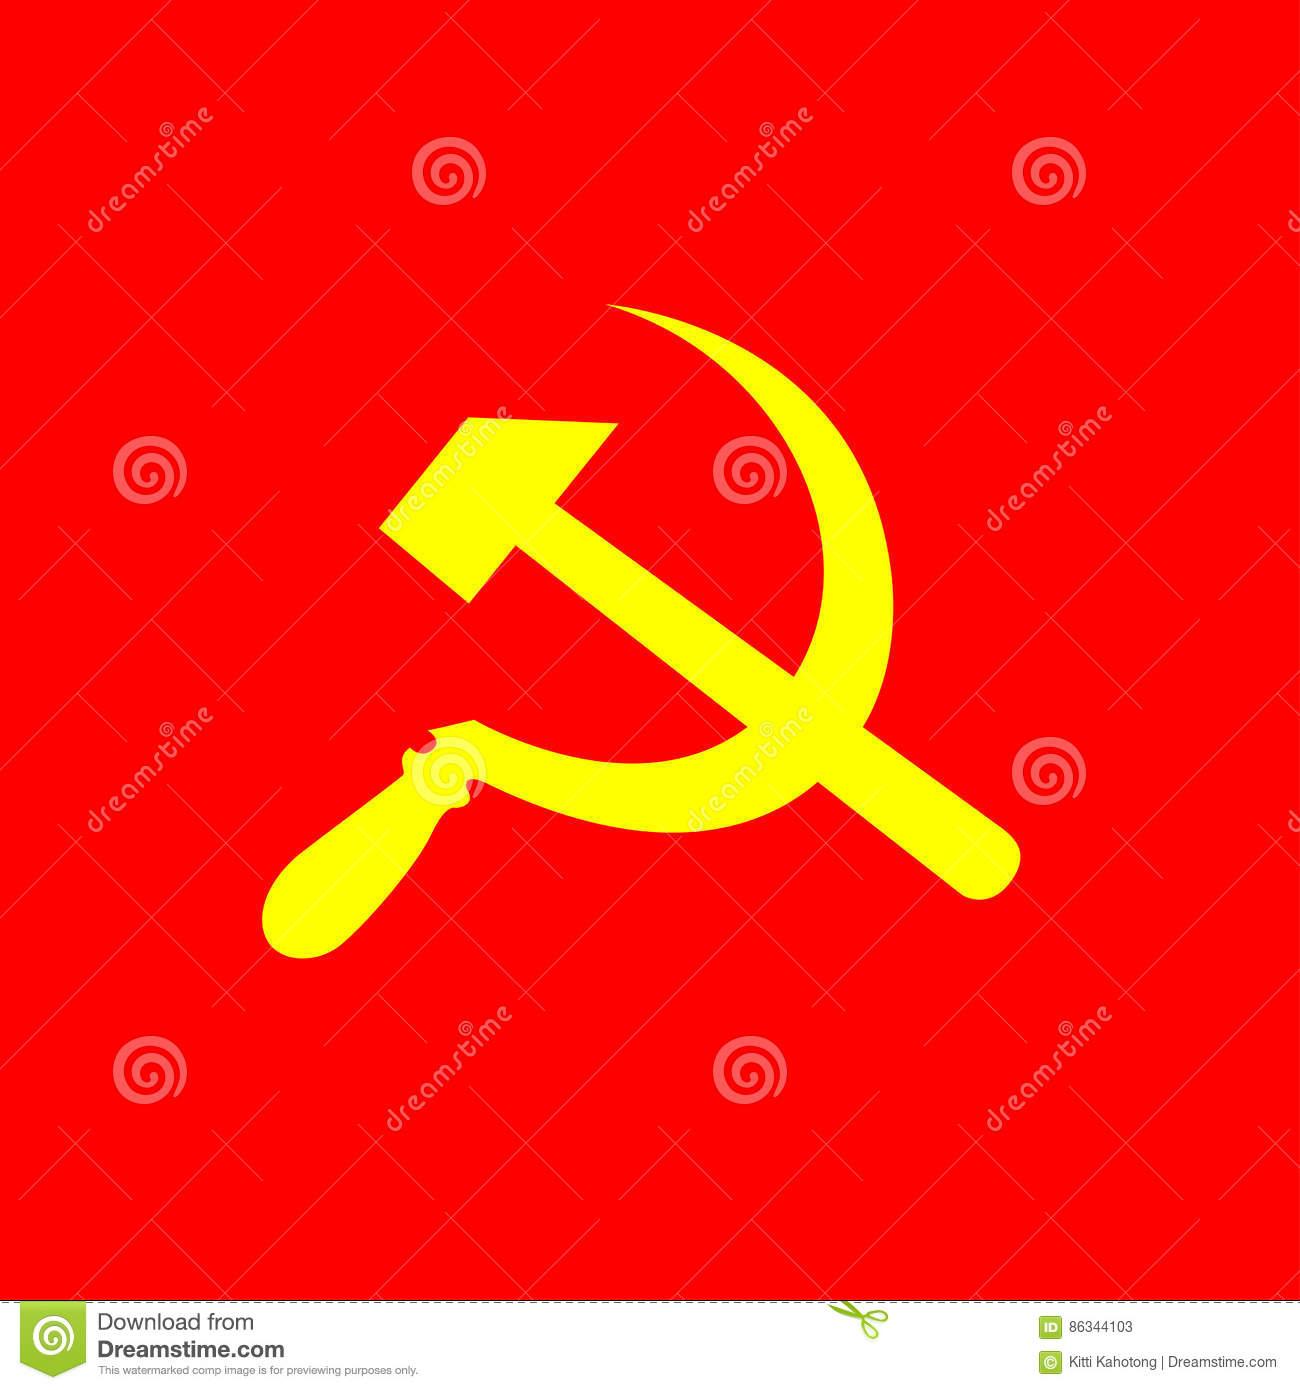 hammer-sickle-communist-symbol-86344103